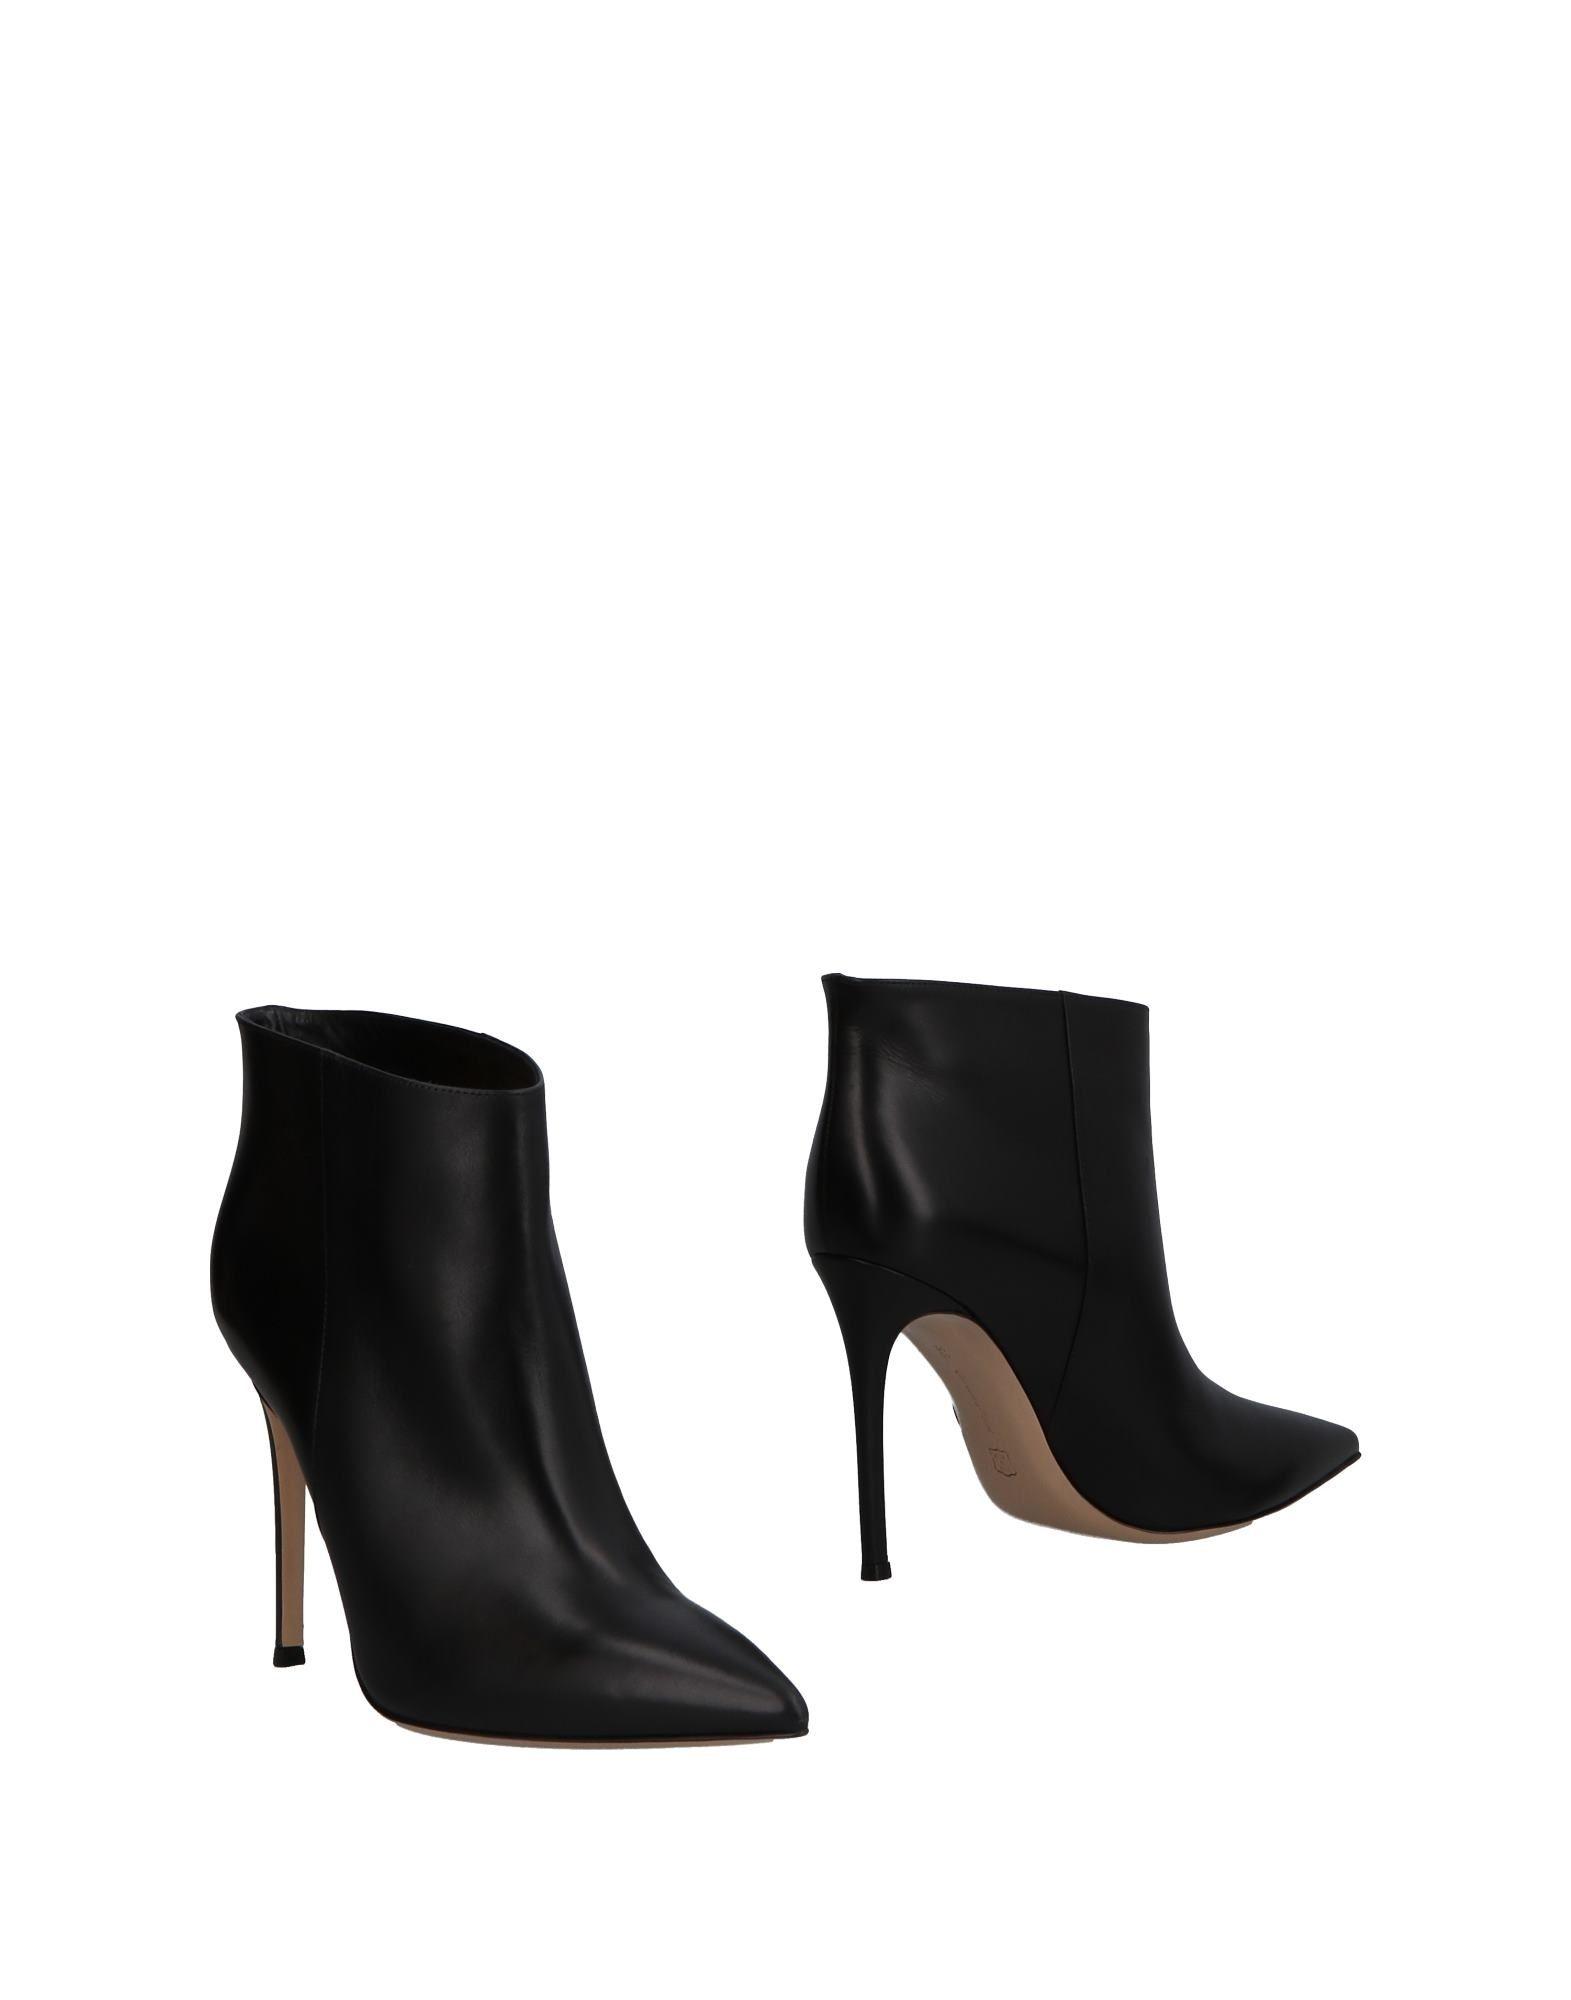 Gianvito Rossi Stiefelette Damen Schuhe  11491894HFGünstige gut aussehende Schuhe Damen ed16de